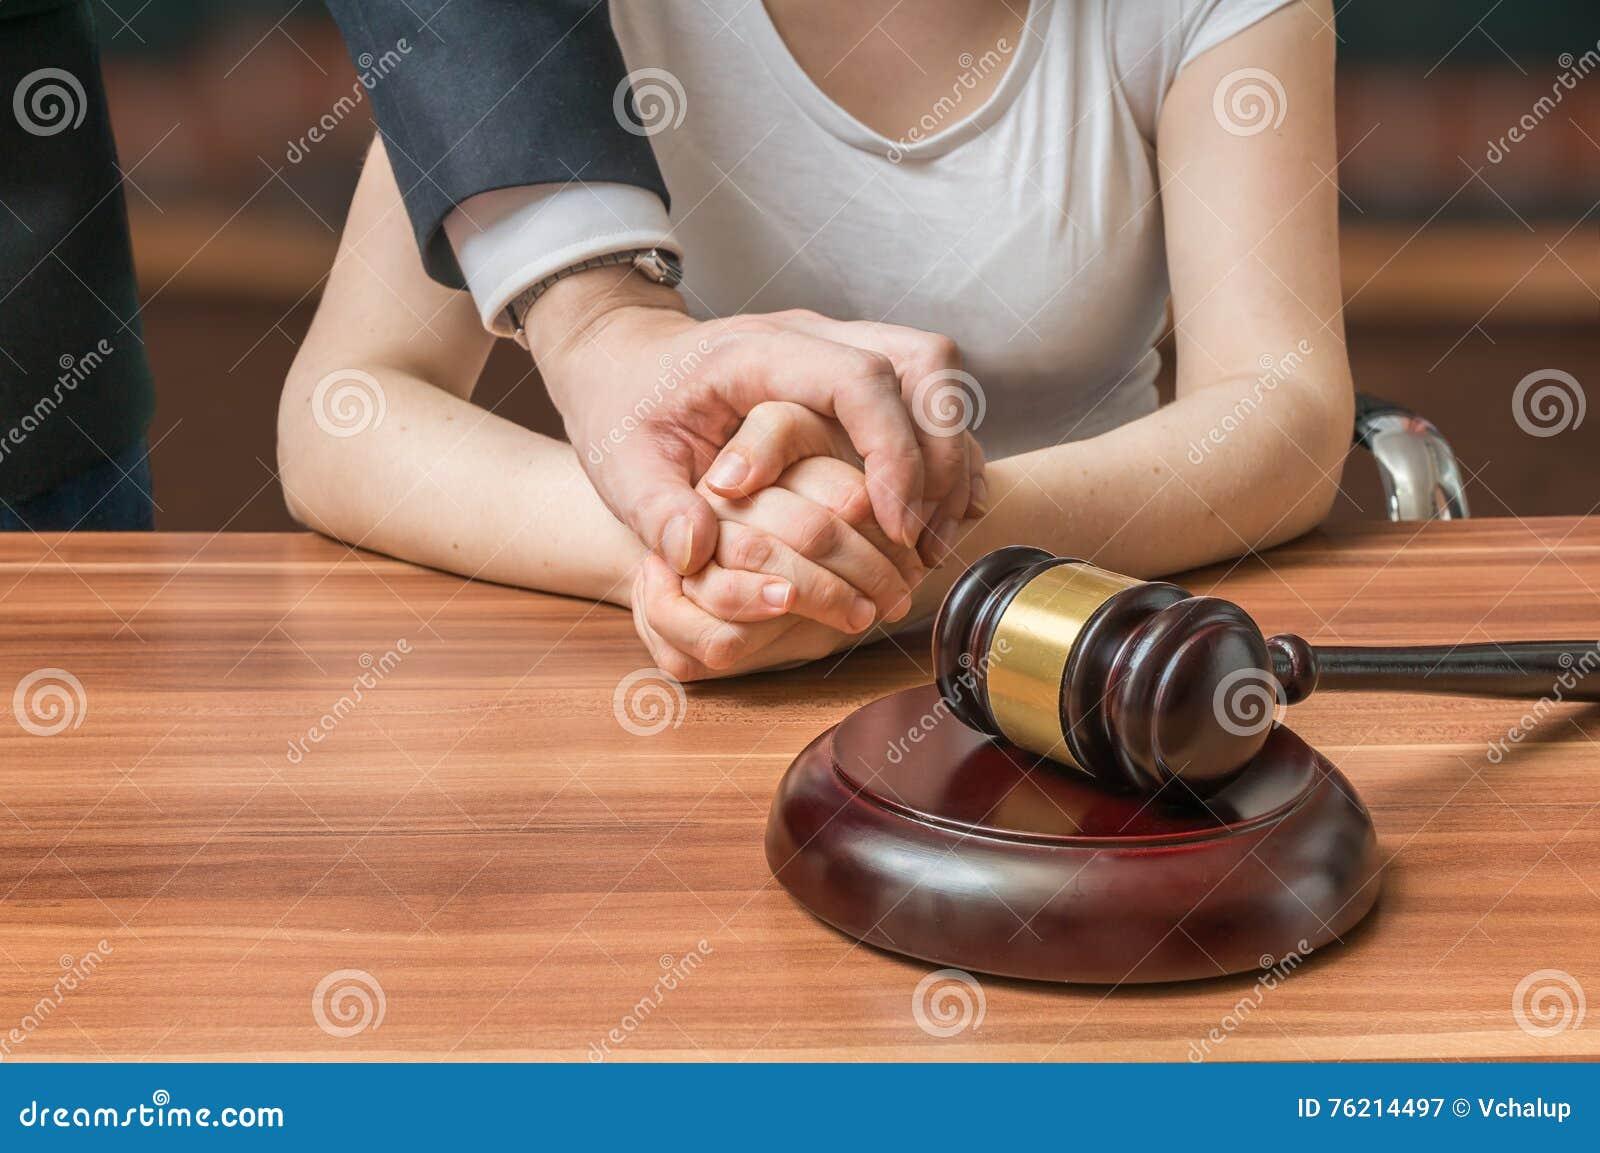 Ο συνήγορος ή ο δικηγόρος υπερασπίζει την κατηγορούμενη αθώα γυναίκα Νομική έννοια βοήθειας και συνδρομής